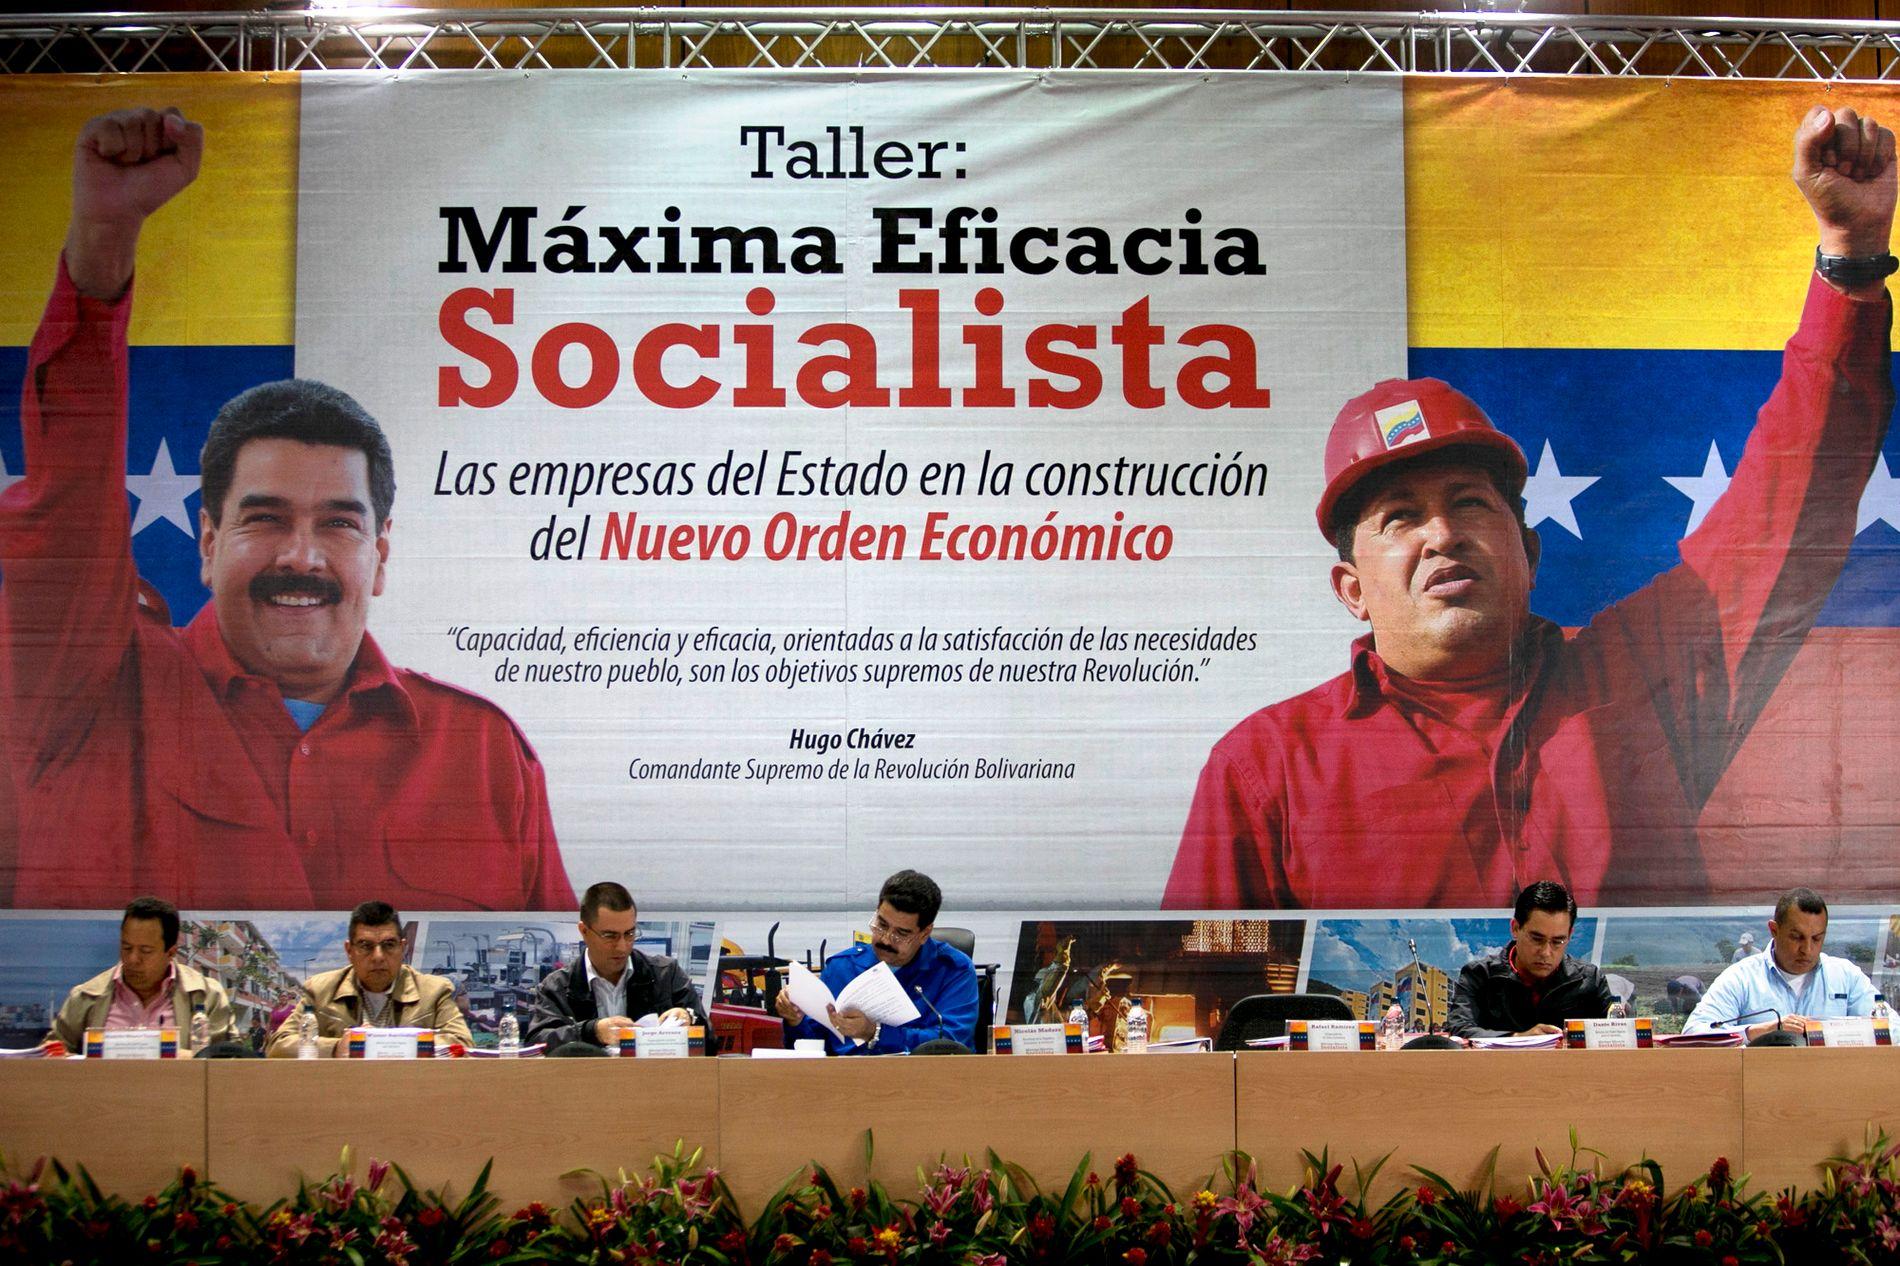 - Forrige søndag ble Nicolás Maduro som forventet gjenvalgt som president i Venezuela. Valget forgikk uten forutgående politiske debatter, uten frie medier og uavhengige valgobservatører ble utelukket, skriver kronikkforfatteren.